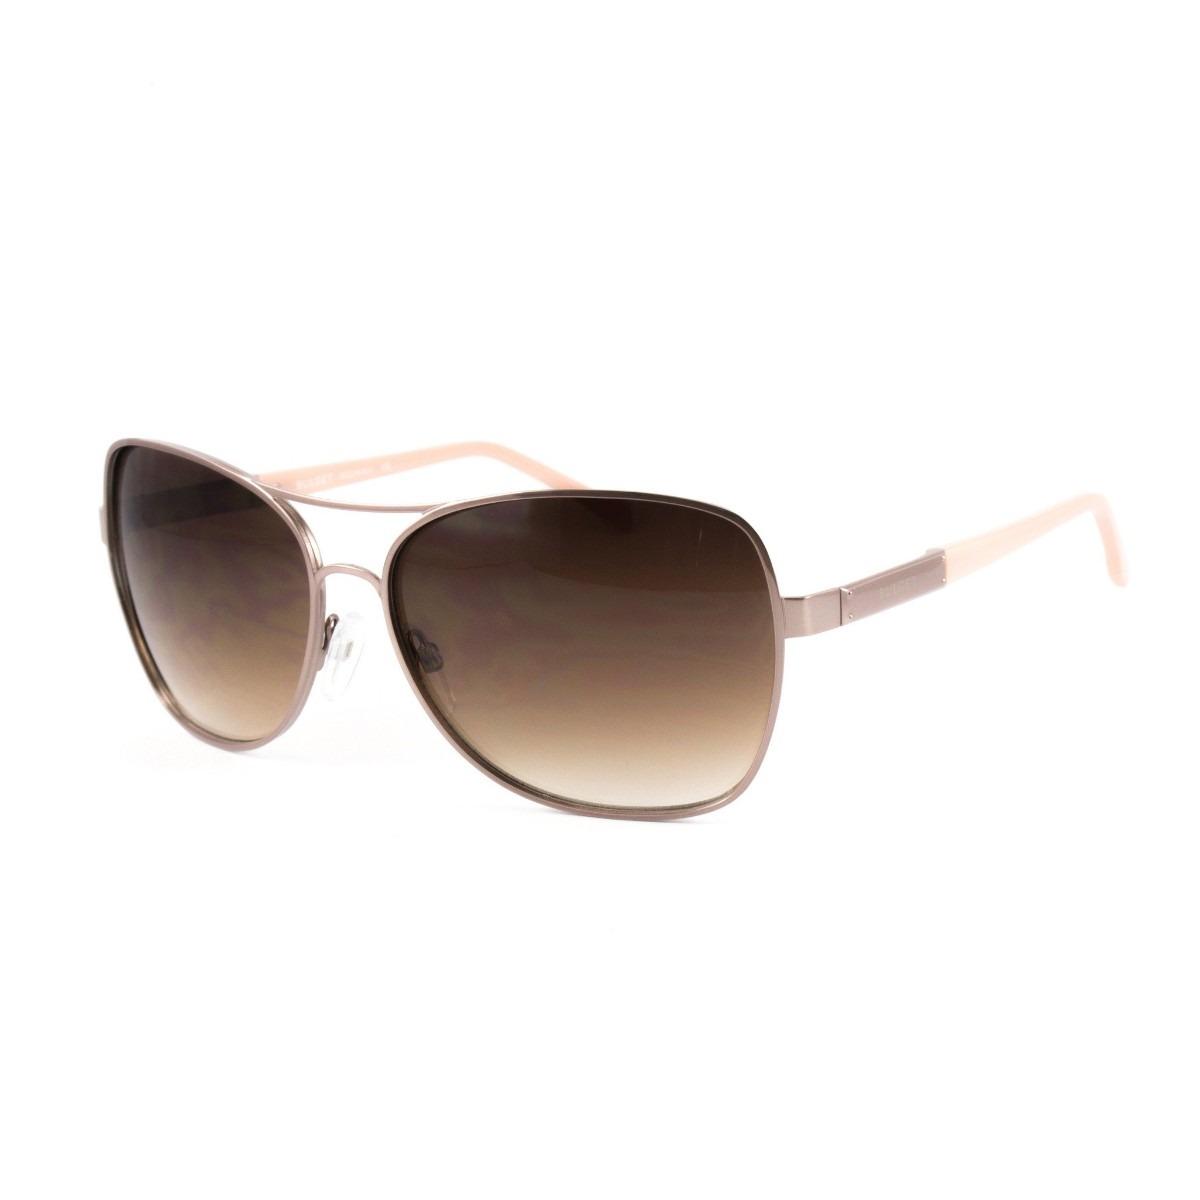 8baf37da0a0b2 Óculos De Sol Bulget - Bg 3158 01a - R  199,00 em Mercado Livre